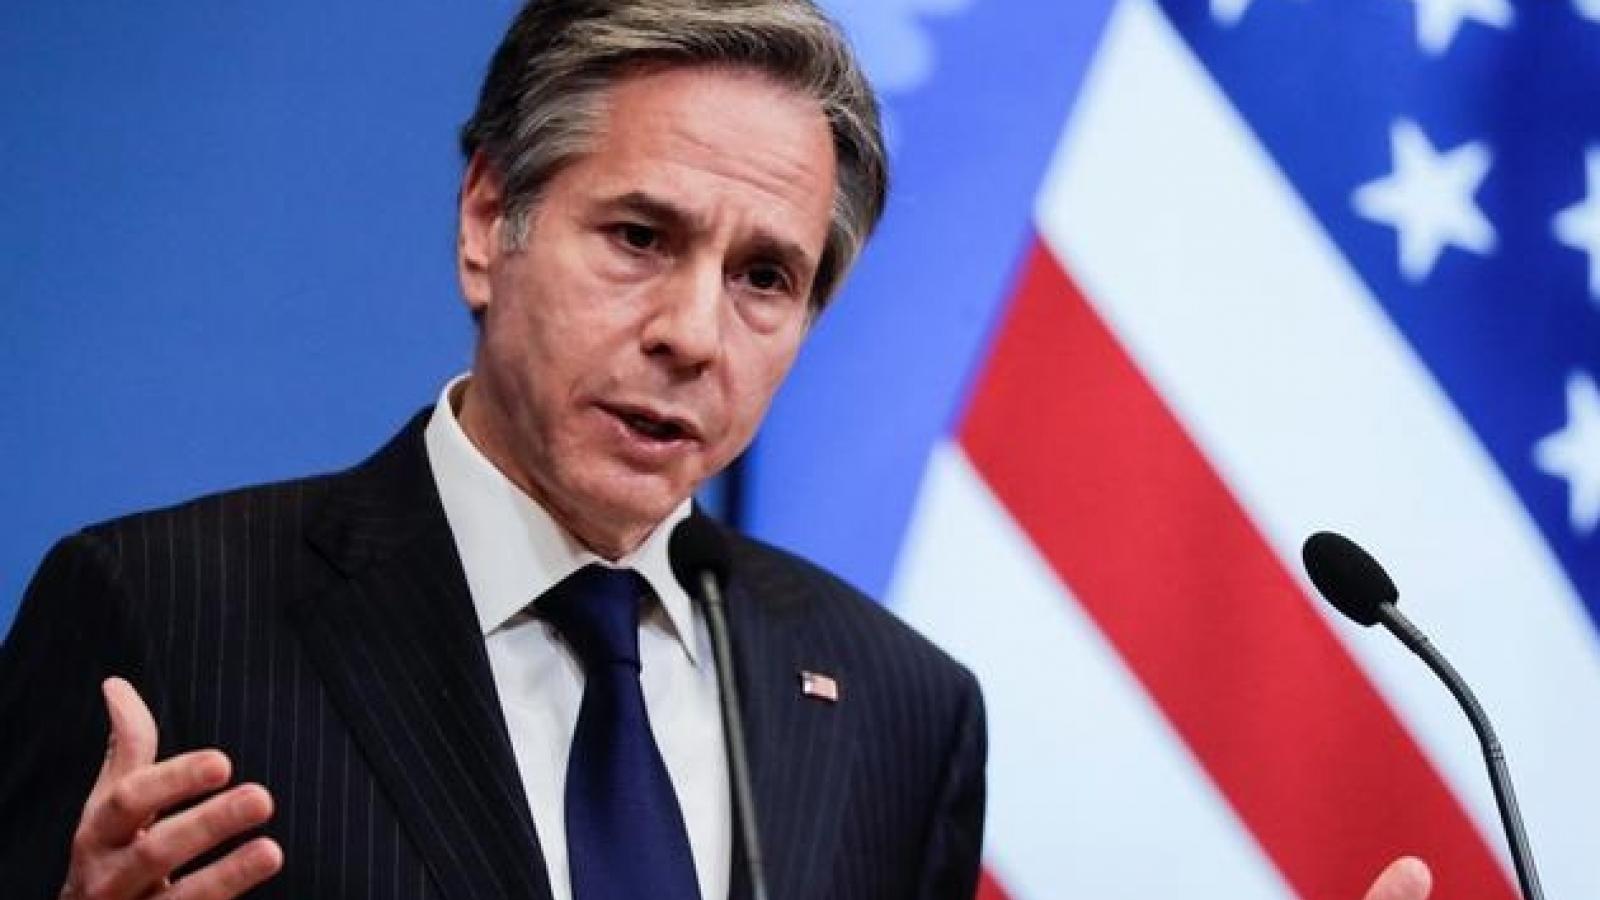 Mỹ, Australia tái khẳng định tuân thủnghị quyết của LHQ về Triều Tiên